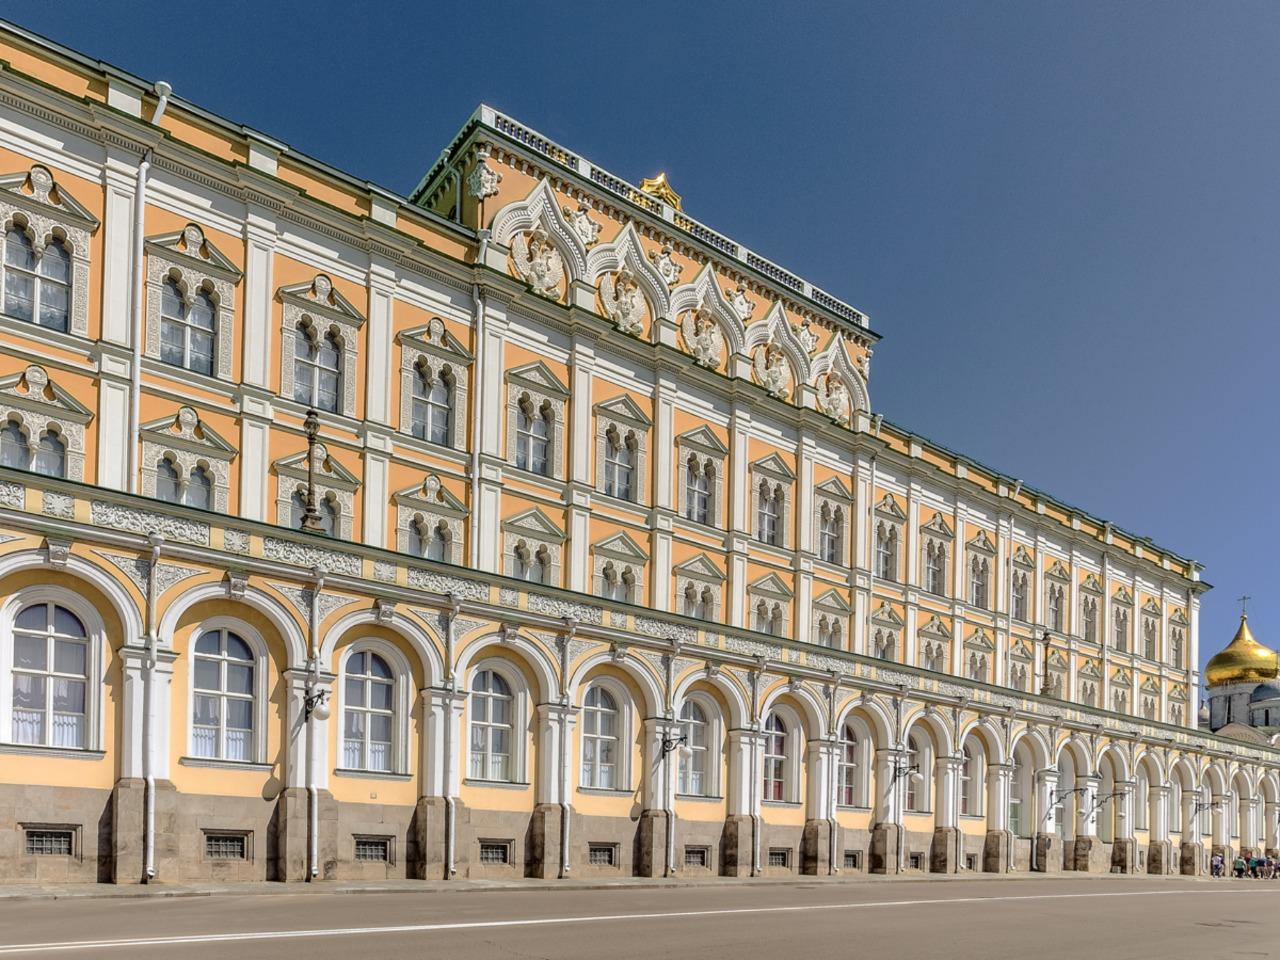 Оружейная палата - групповая экскурсия по Москве от опытного гида